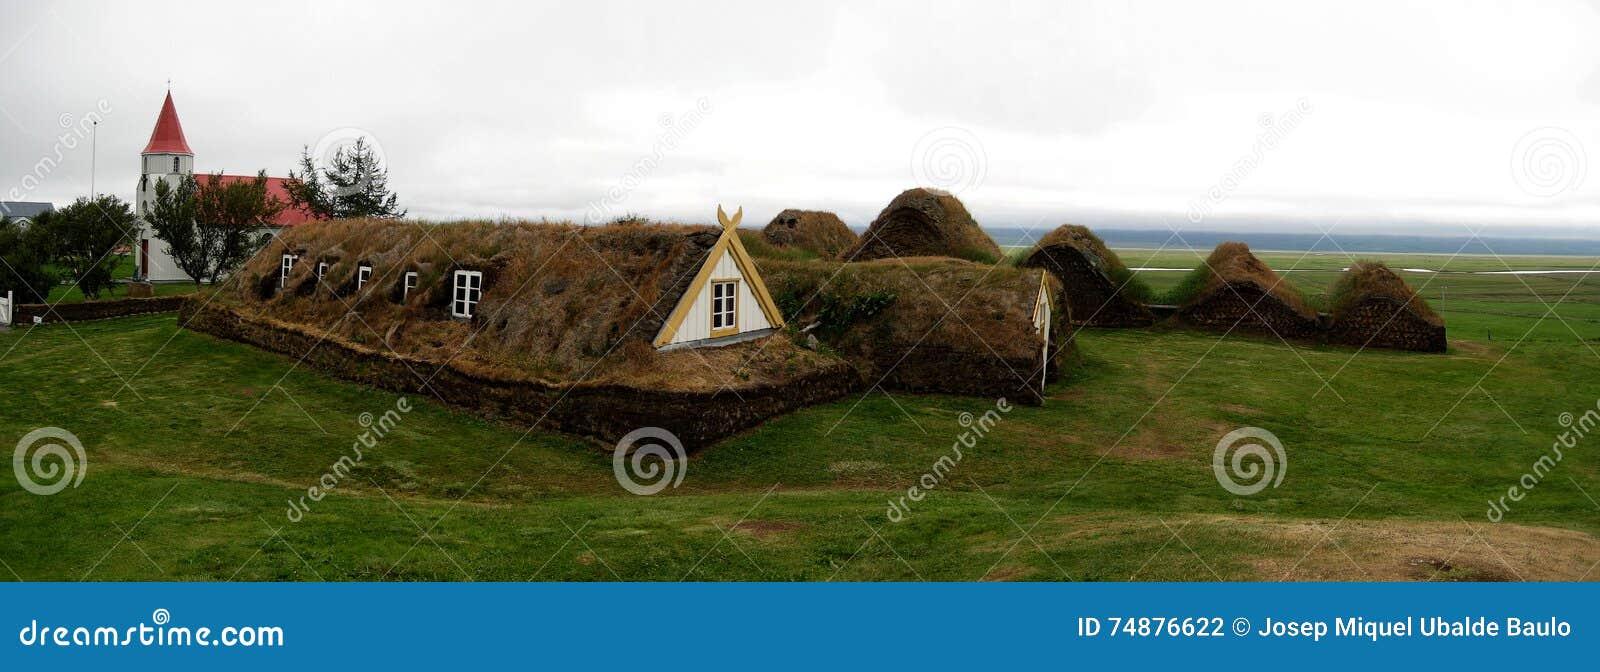 Camere islandesi tradizionali del tappeto erboso